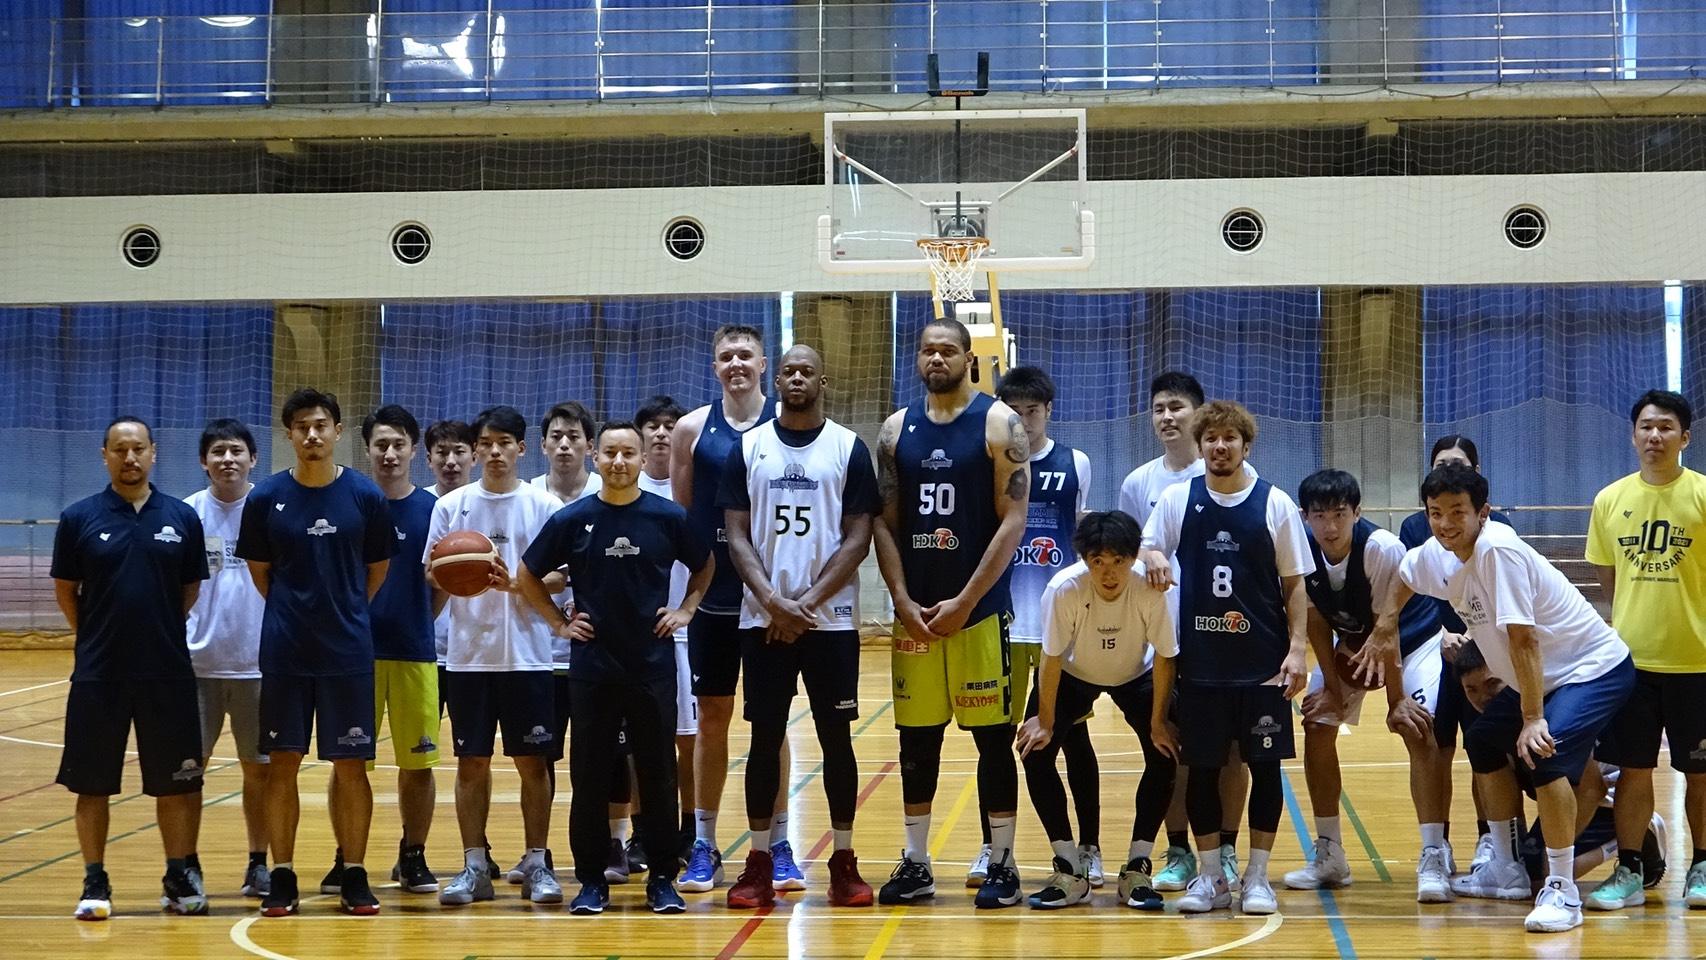 トレーニングキャンプを行った信州ブレイブウォリアーズ©Basketball News 2for1